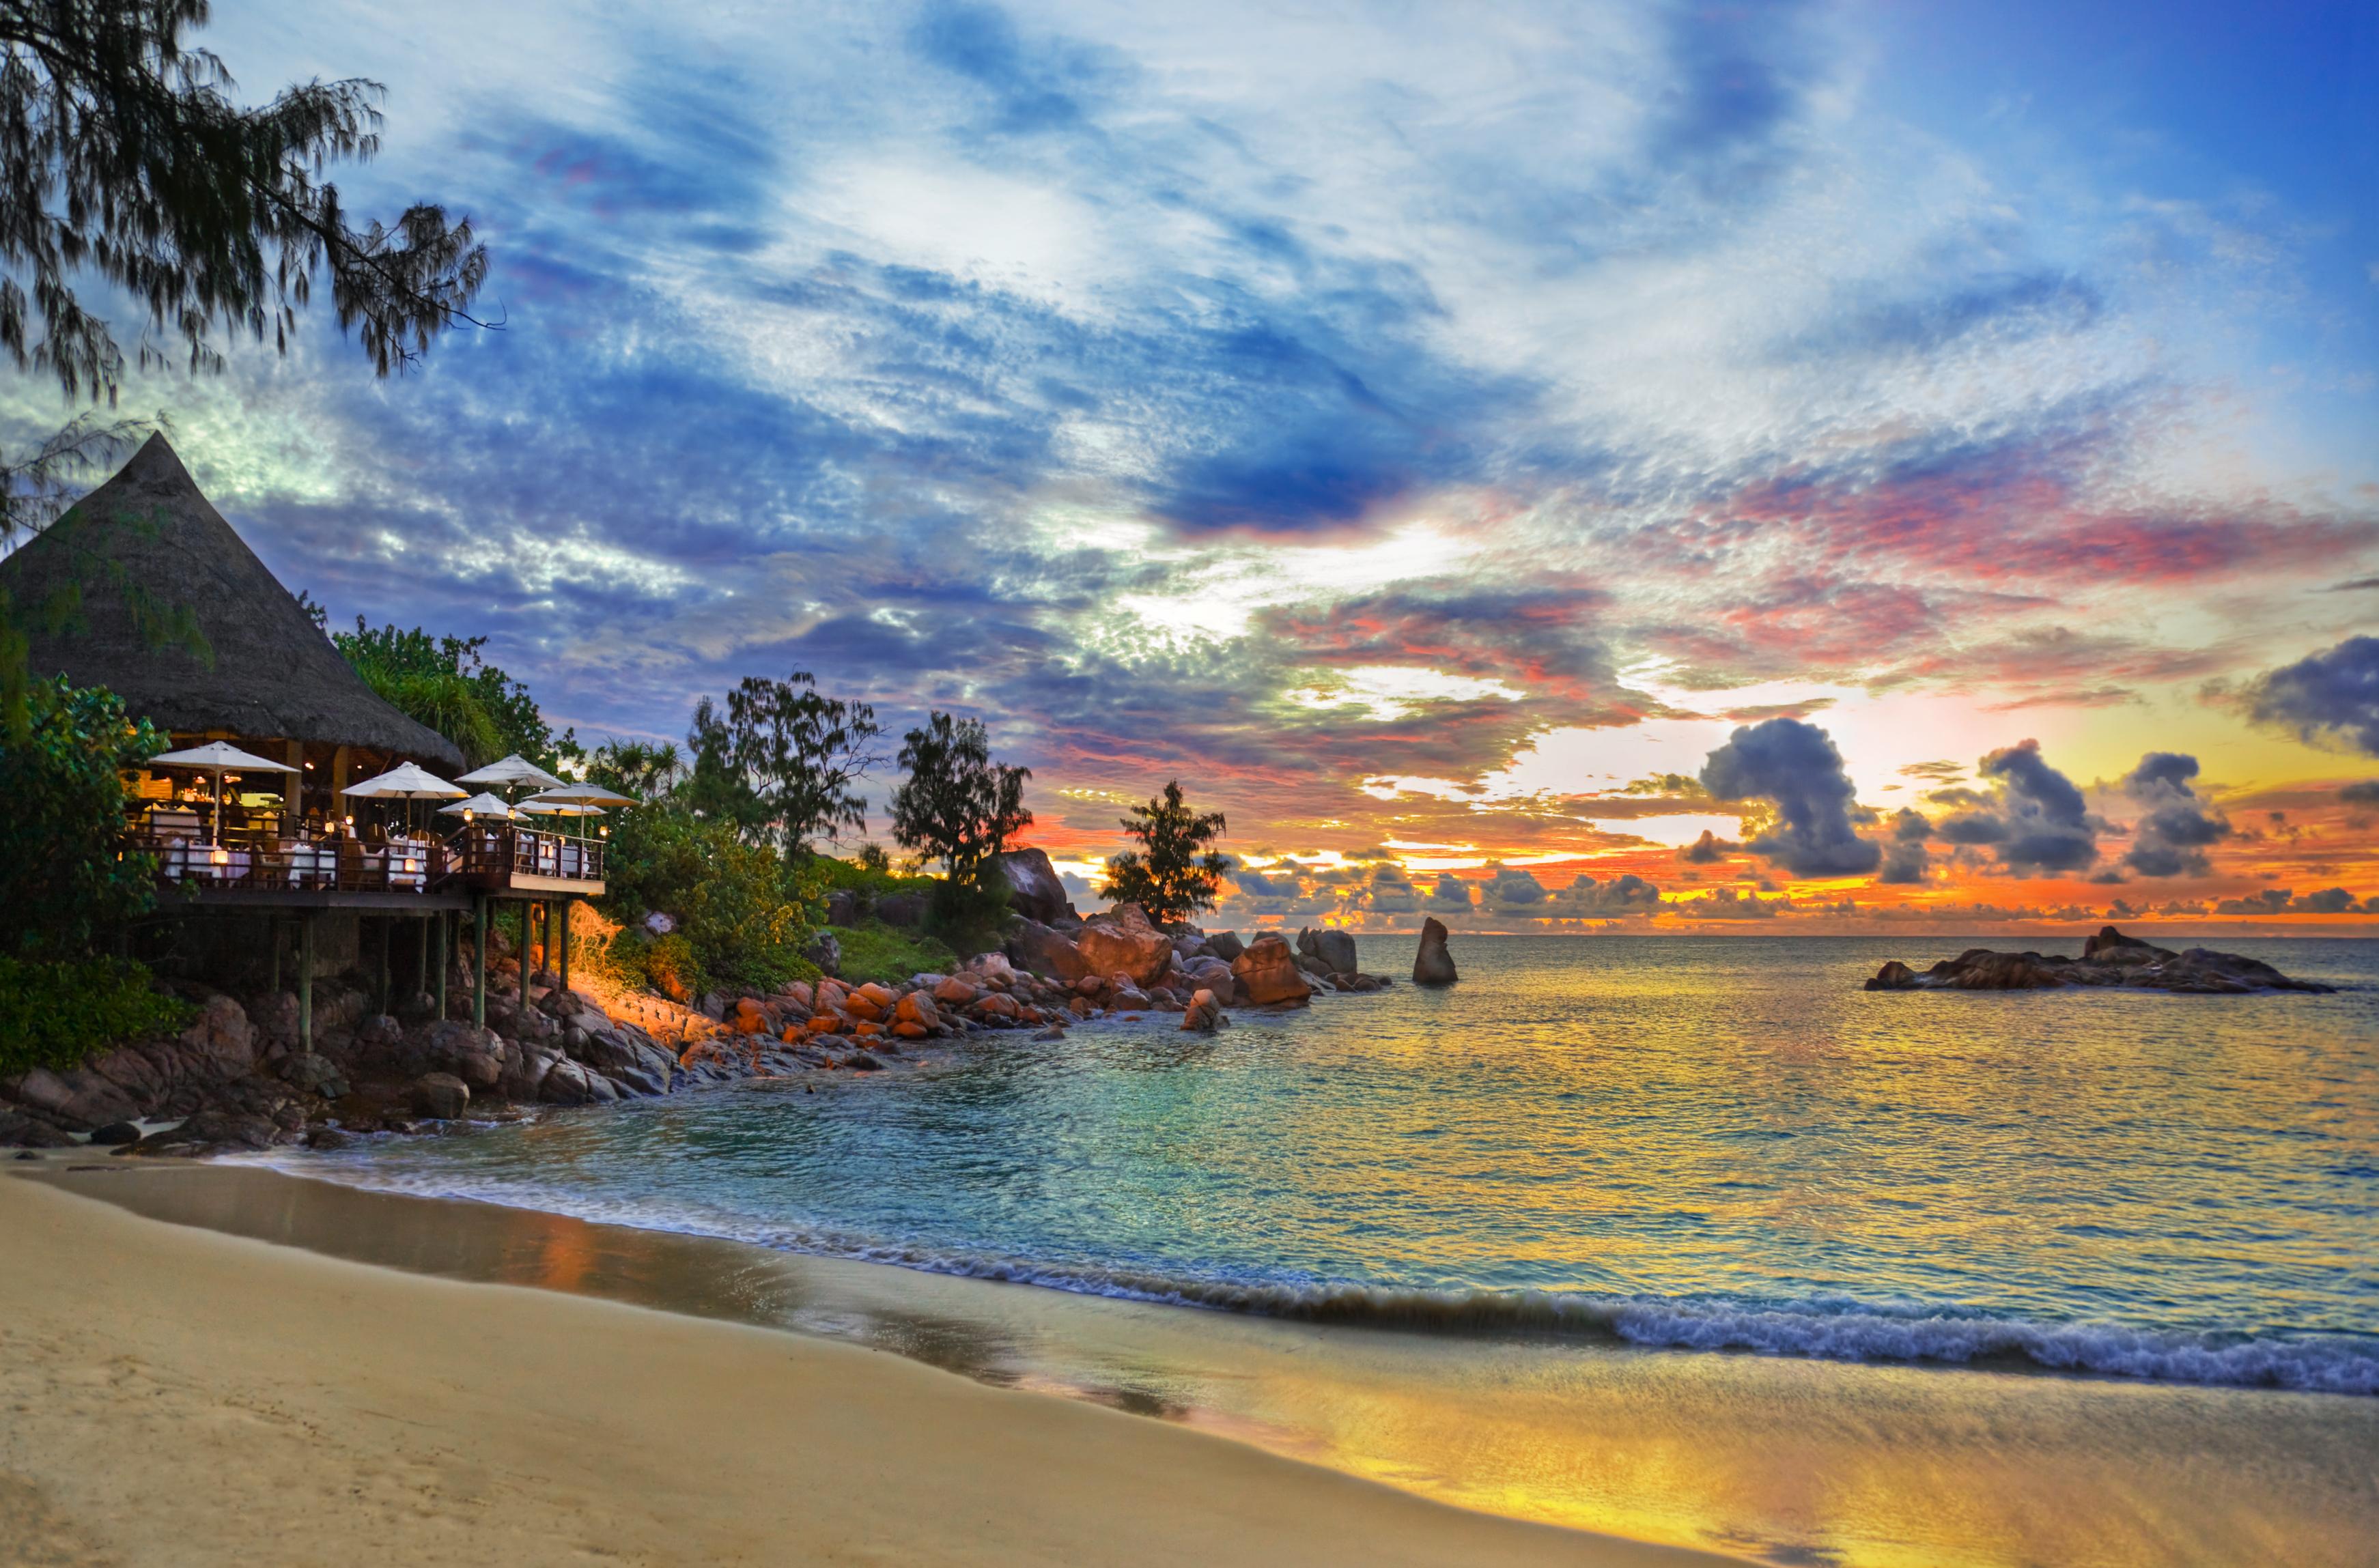 sunset hut on beach